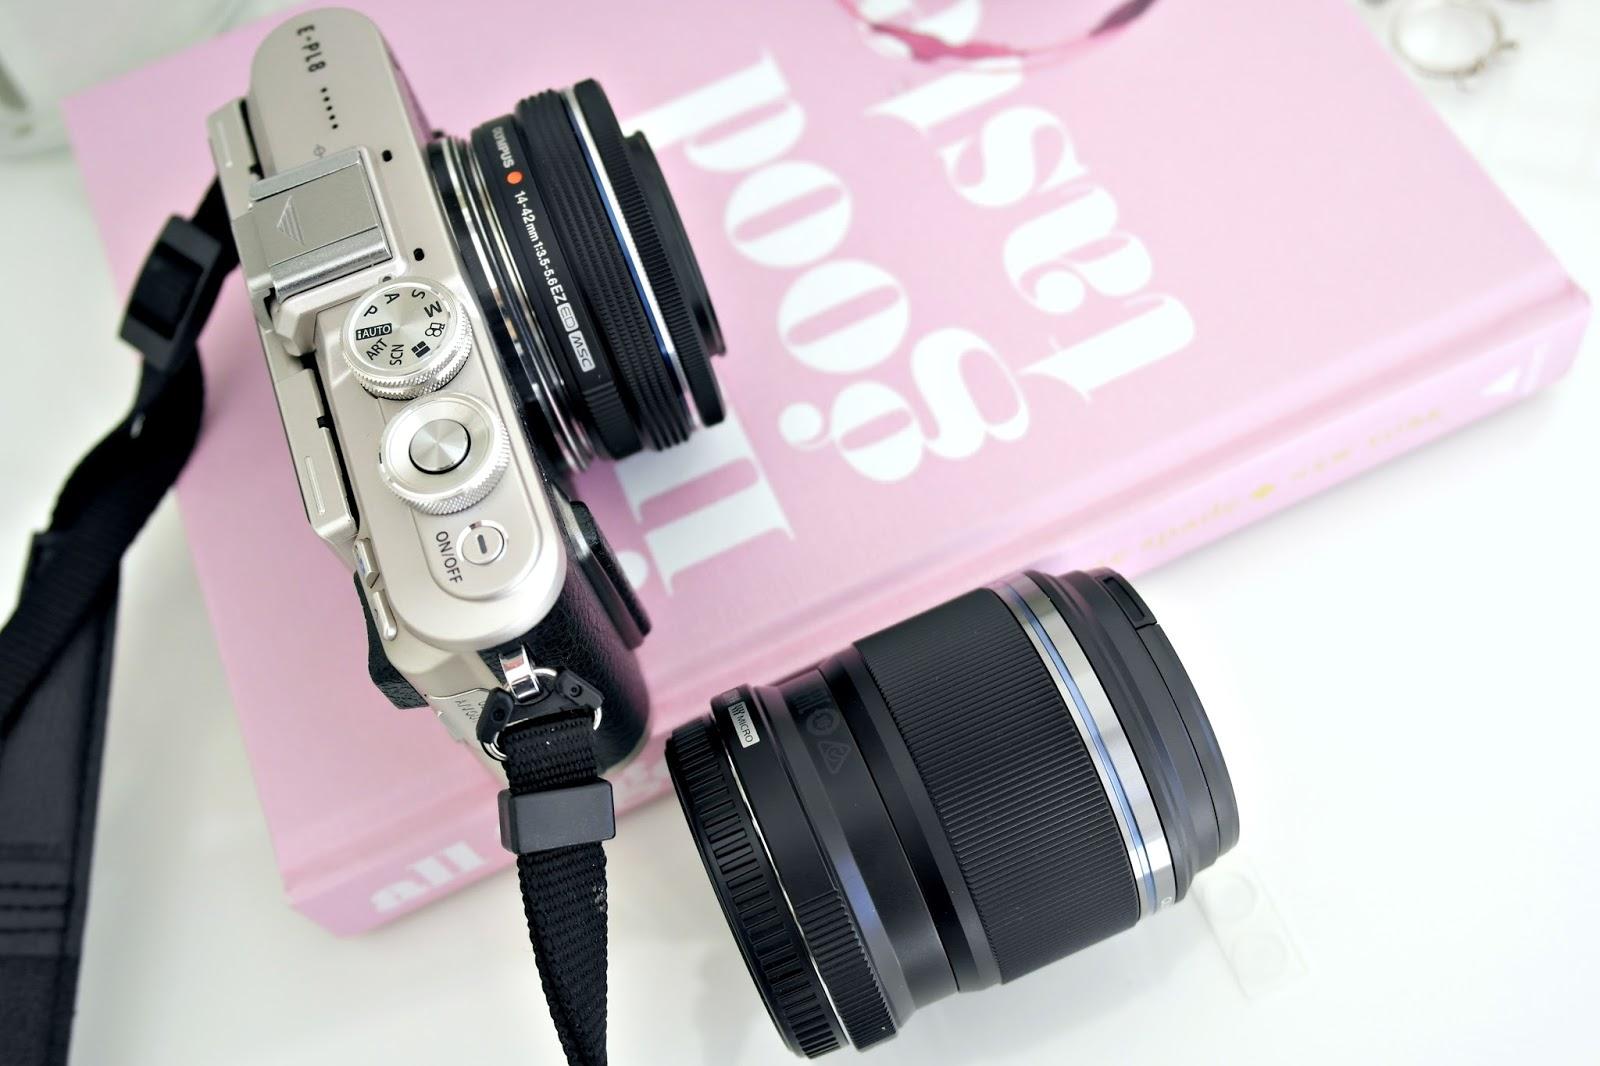 Olympus 14-42mm lens vs 30mm lens